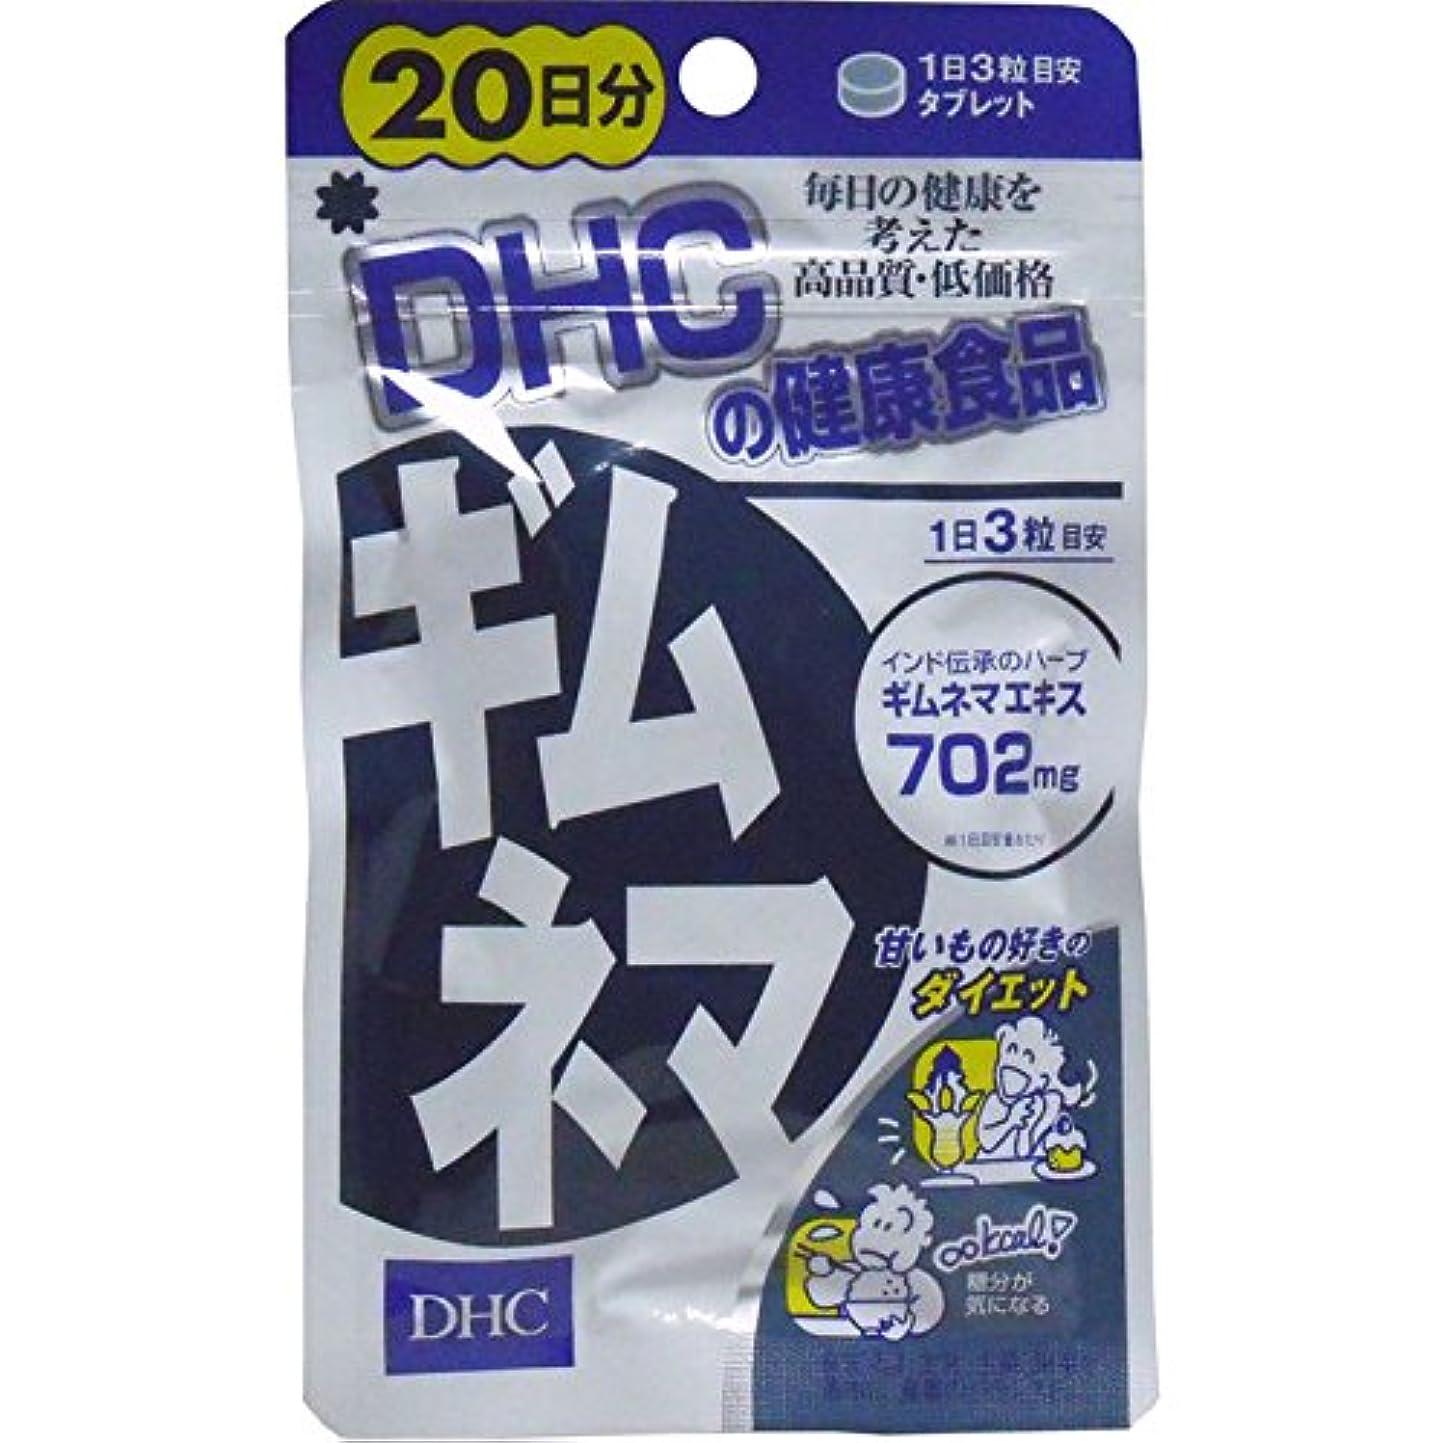 ボリュームパーツシルク大好きな「甘いもの」をムダ肉にしない DHC ギムネマ 20日分 60粒